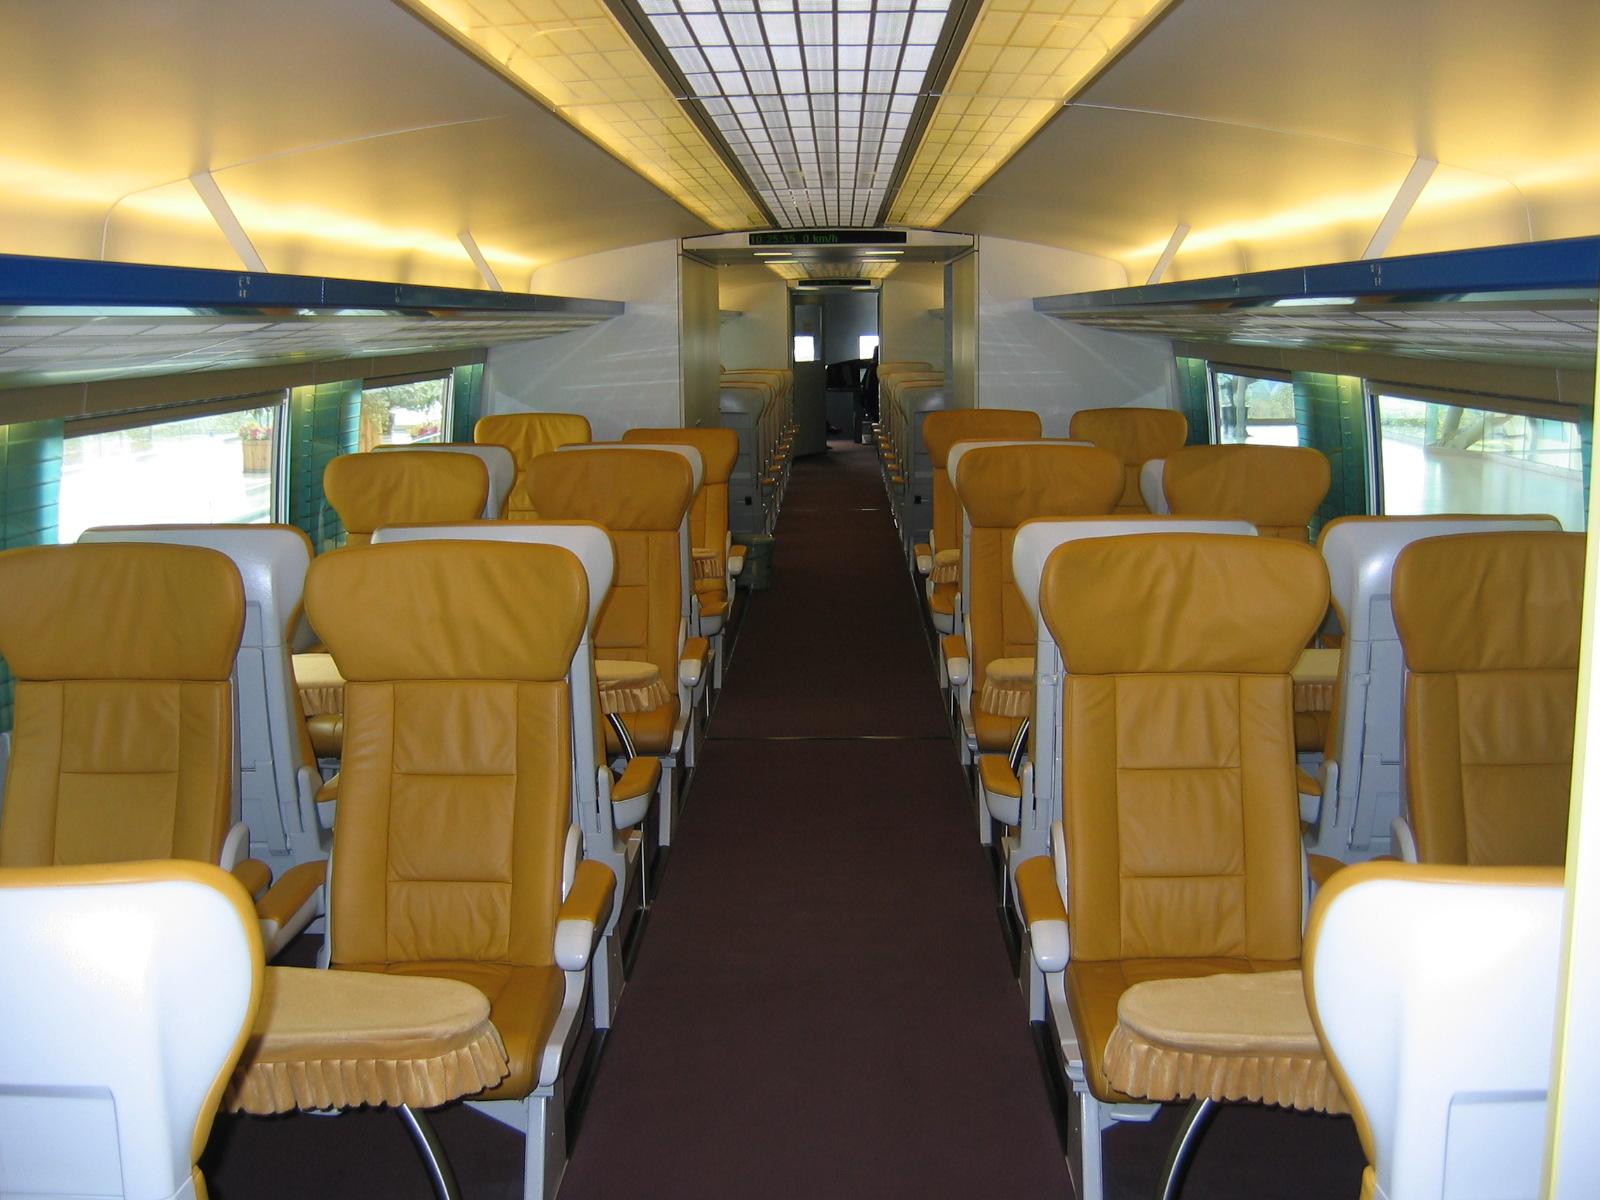 Umgerechnet 8€ für die Fahrt erster Klasse, rund 30km